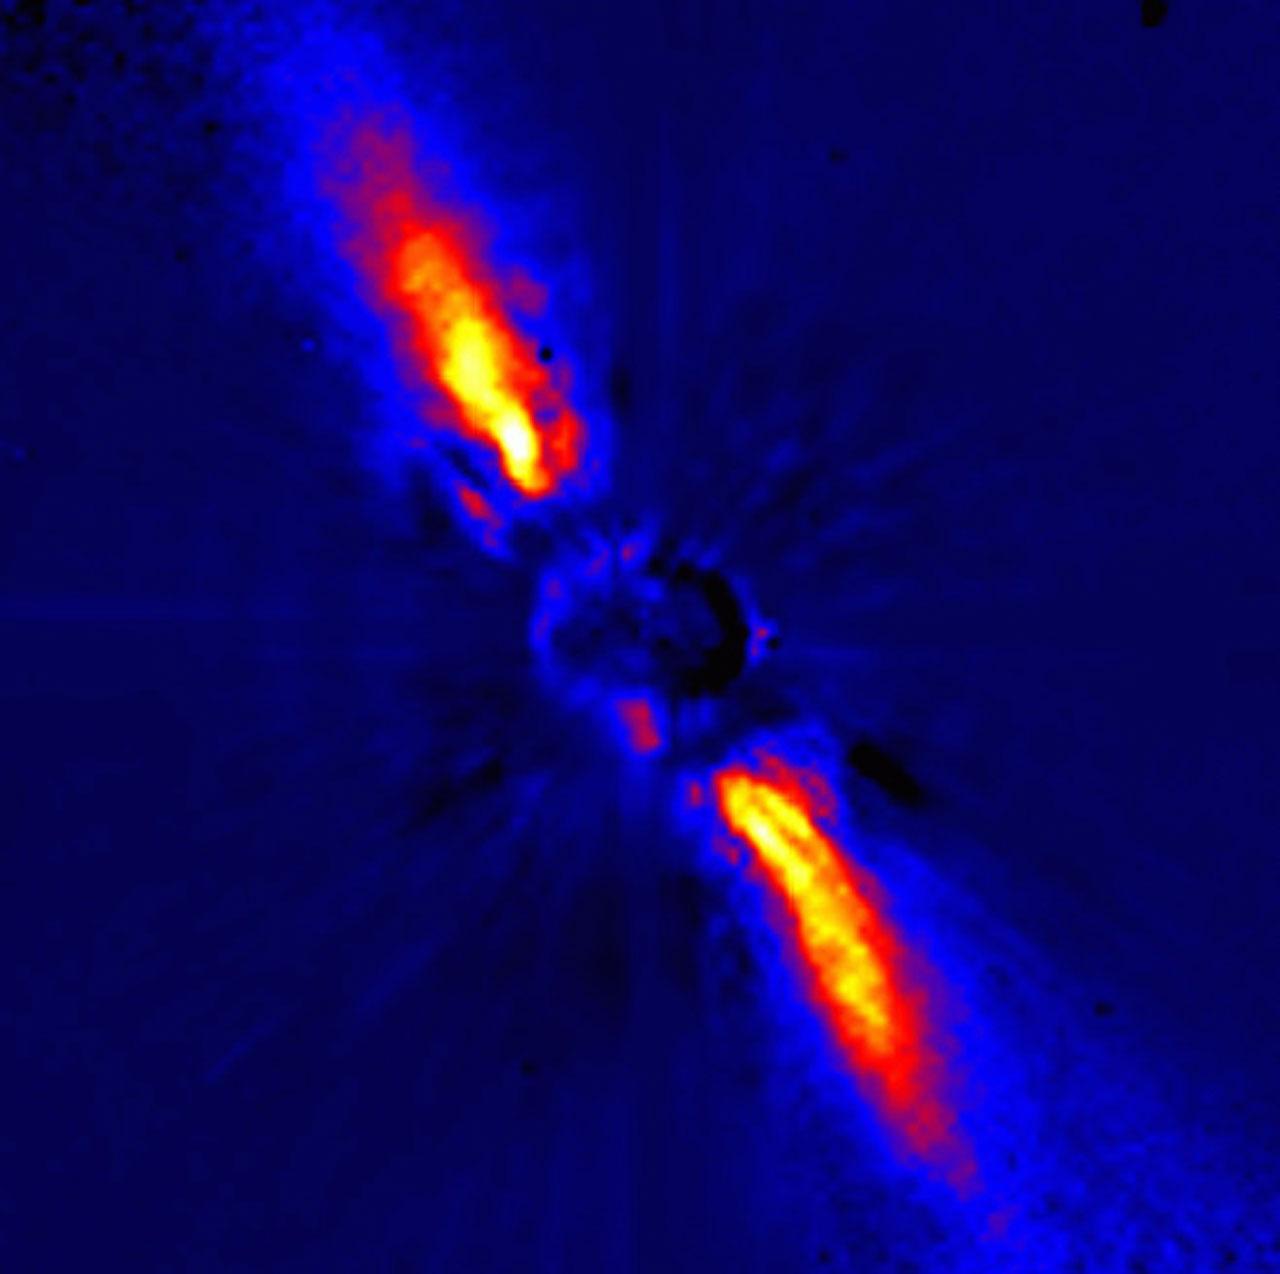 Beta Pictoris capturada pelo ESO. Esta imagem na banda J (1,25 micrômetros) cobre uma área de 13,1 x 13,1 segundos de arco² em uma resolução angular de aproximadamente 0,12 segundos de arco. O Norte está acima e o Leste está à esquerda. A imagem foi capturada em 6 de janeiro de 1996 com o dispositivo ADONIS e cronógrafo do Observatoire de Grenoble integrados ao telescópio de 3,6 metros do ESO em La Silla, Chile. Créditos: ESO/La Silla/ Jean-Luc Beuzit e Anne-Marie Lagrange (Observatório de Grenoble, França) e Mouillet David (Observatoire de Paris-Meudon, França).